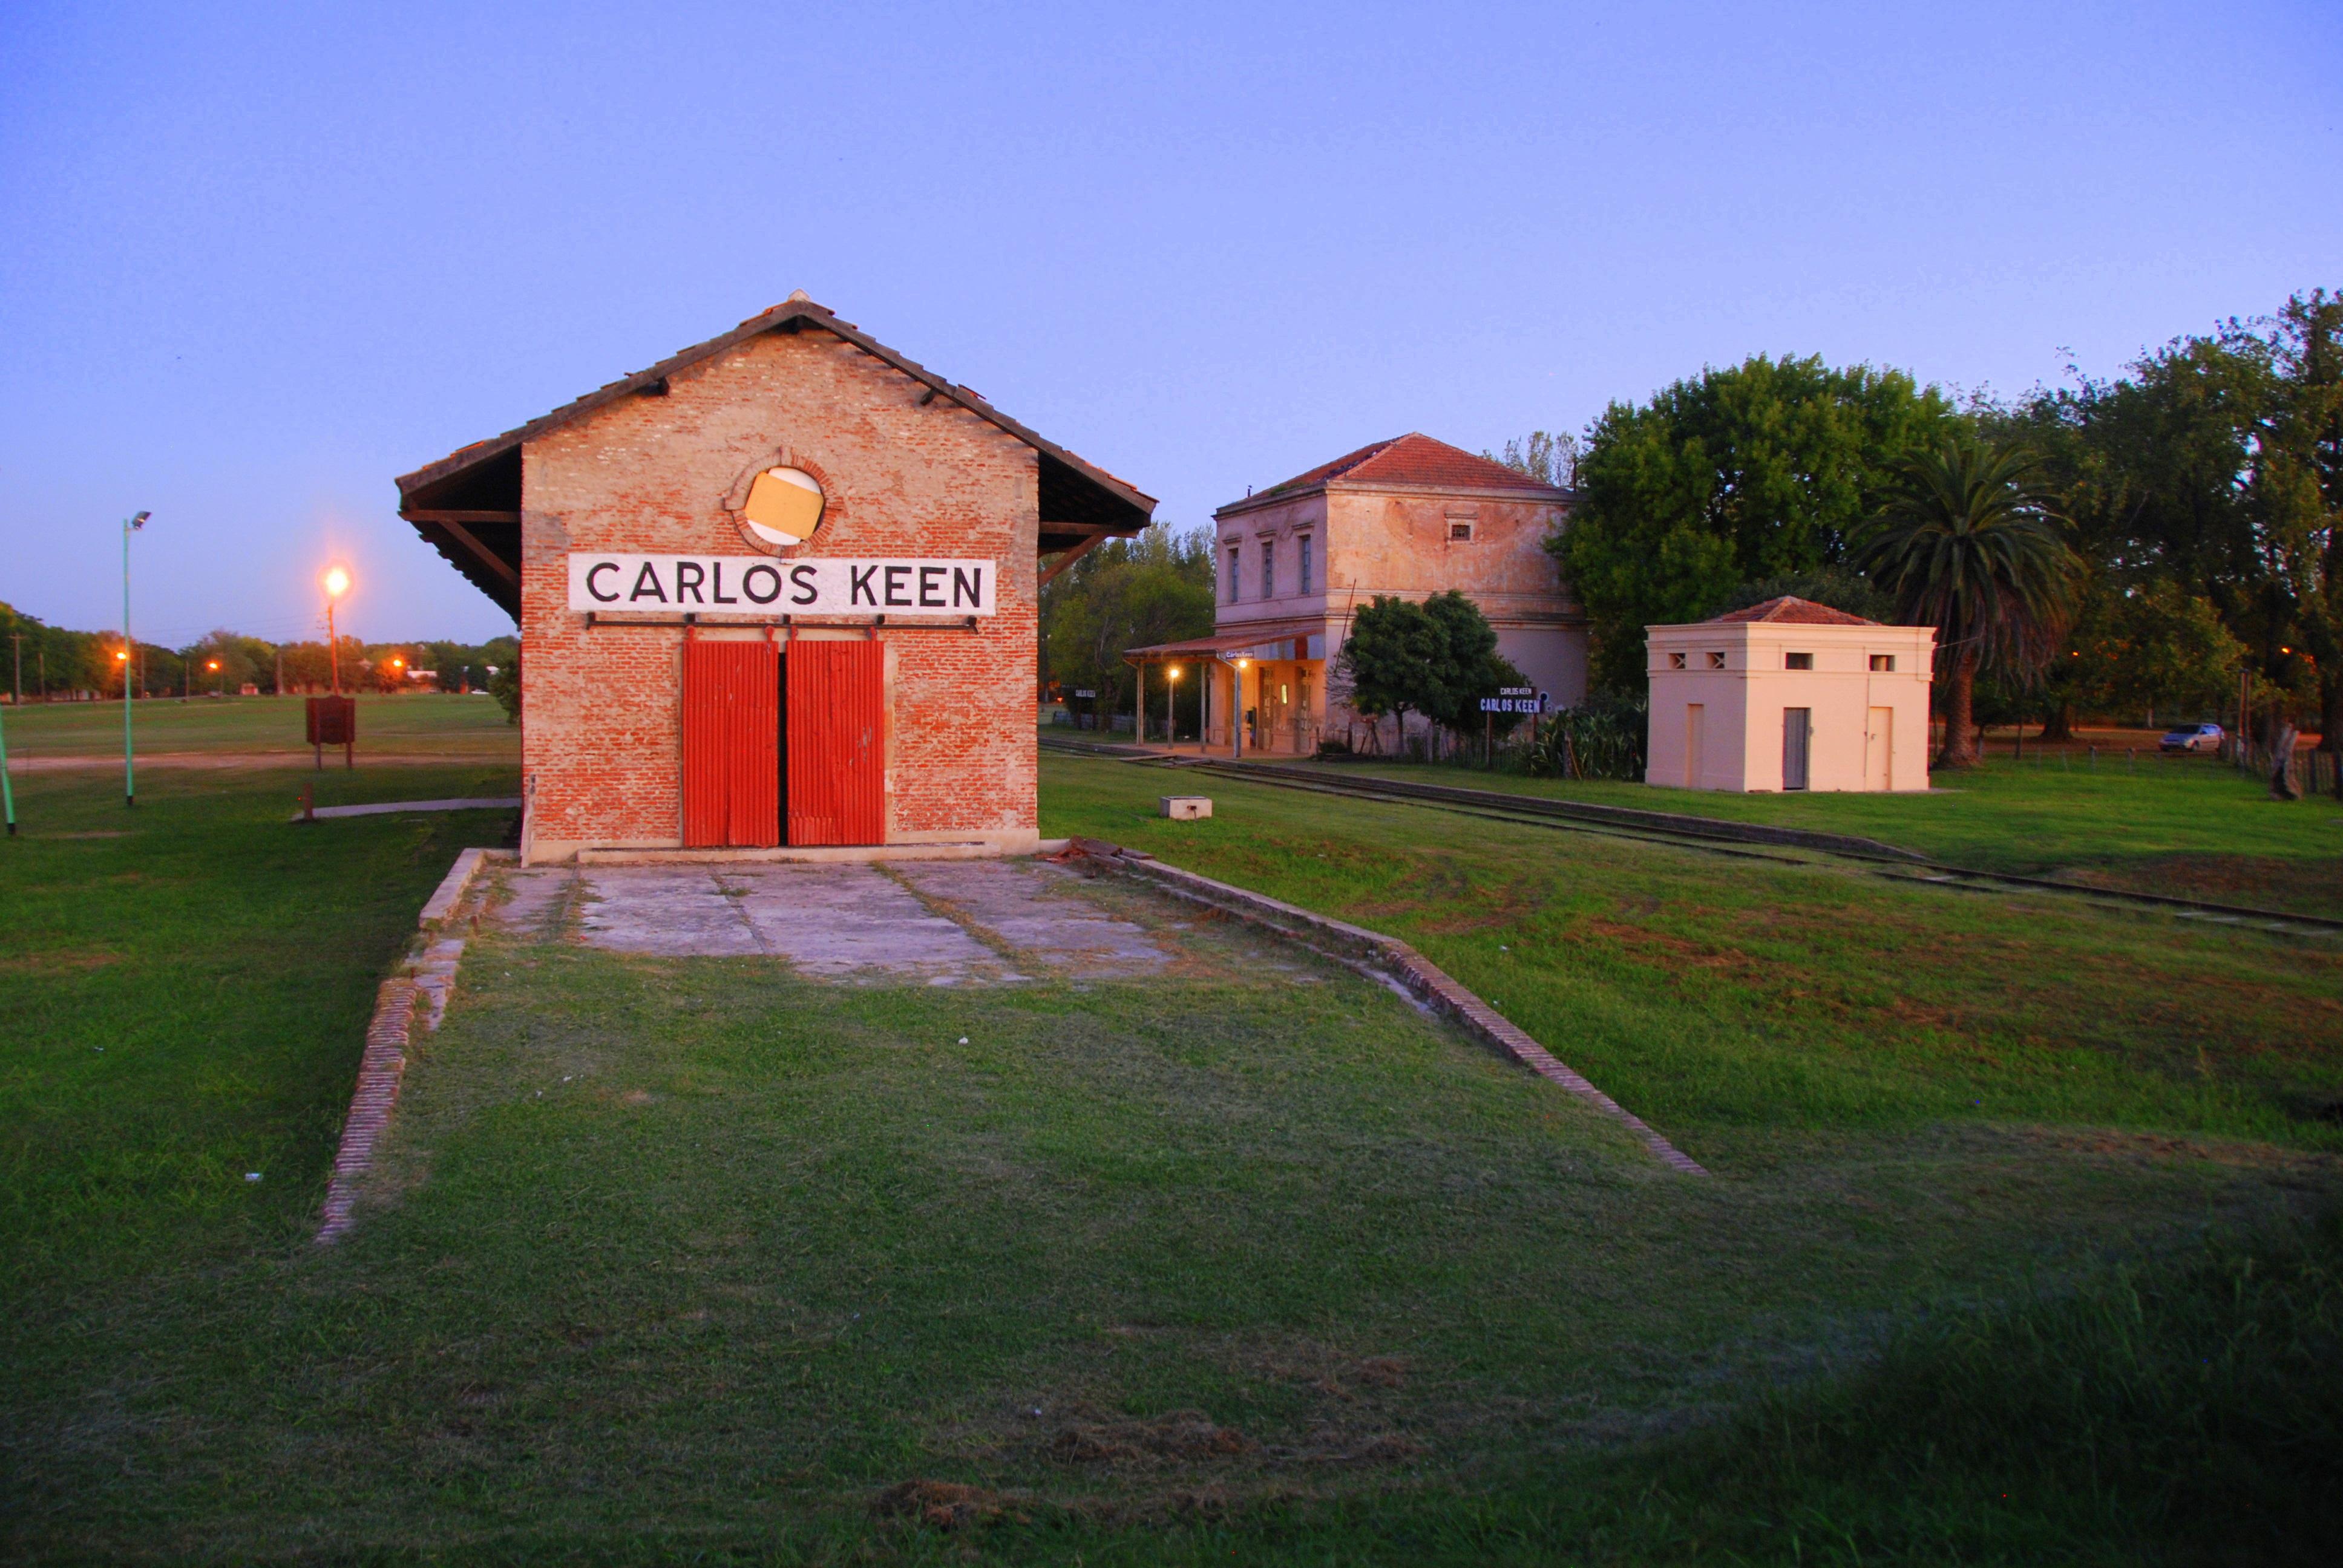 Conheçam a Fundação Camino Abierto, em Carlos Keen